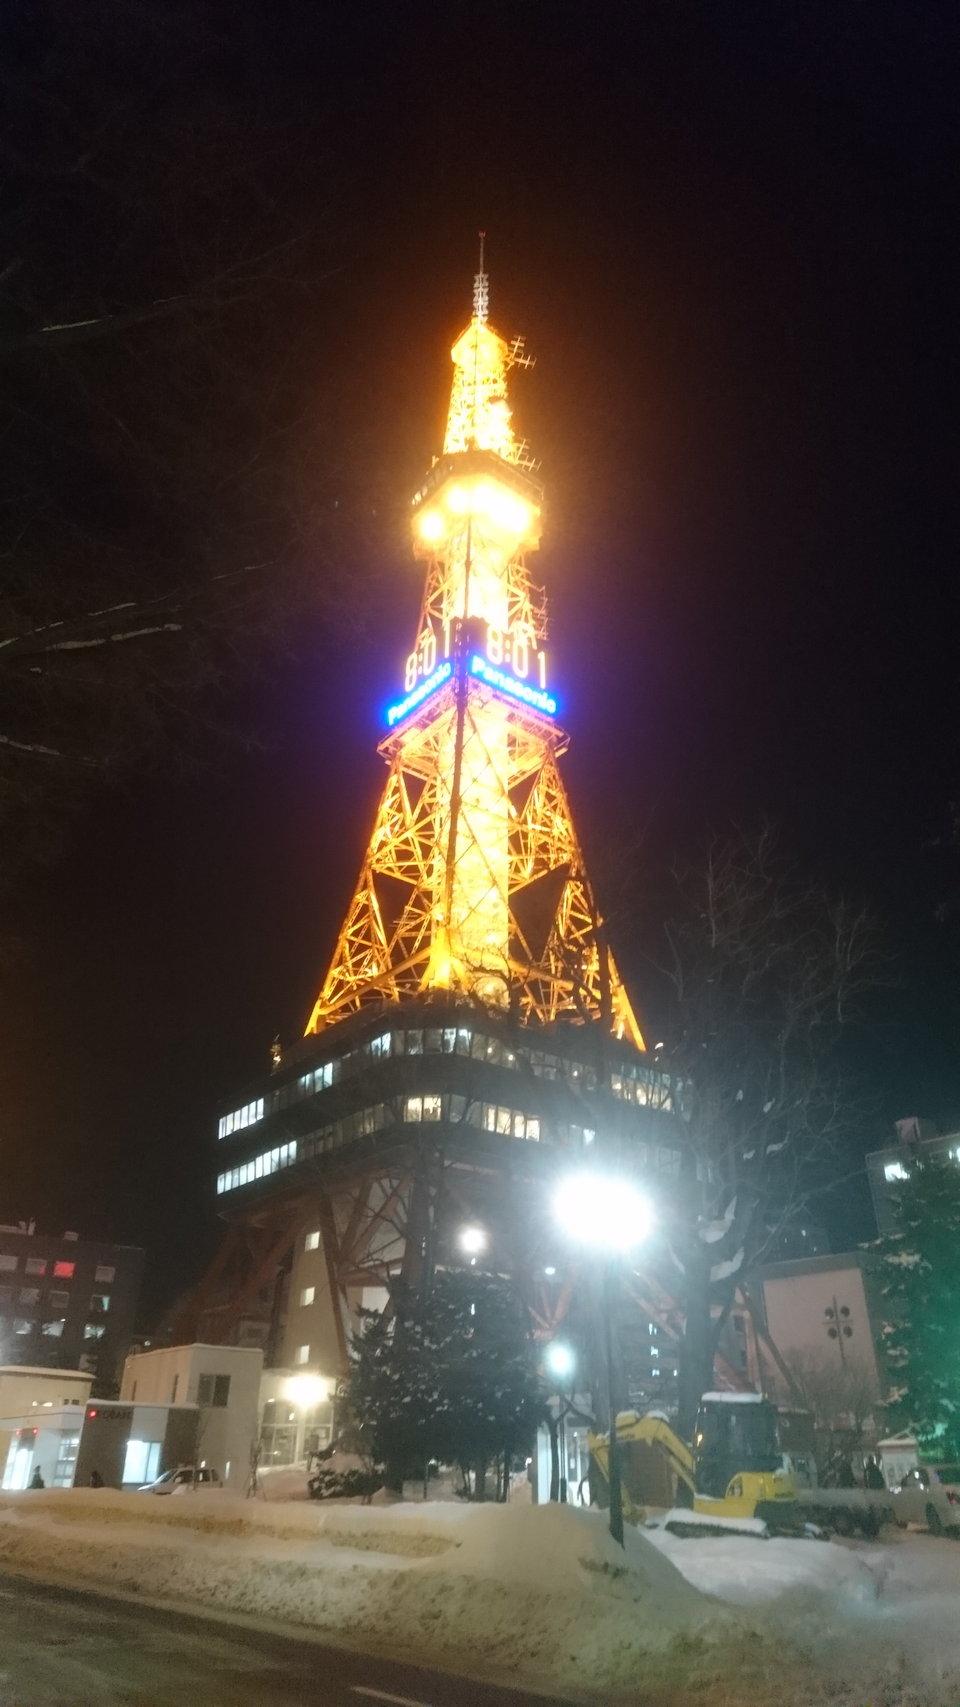 テレビ塔ライトアップ近景